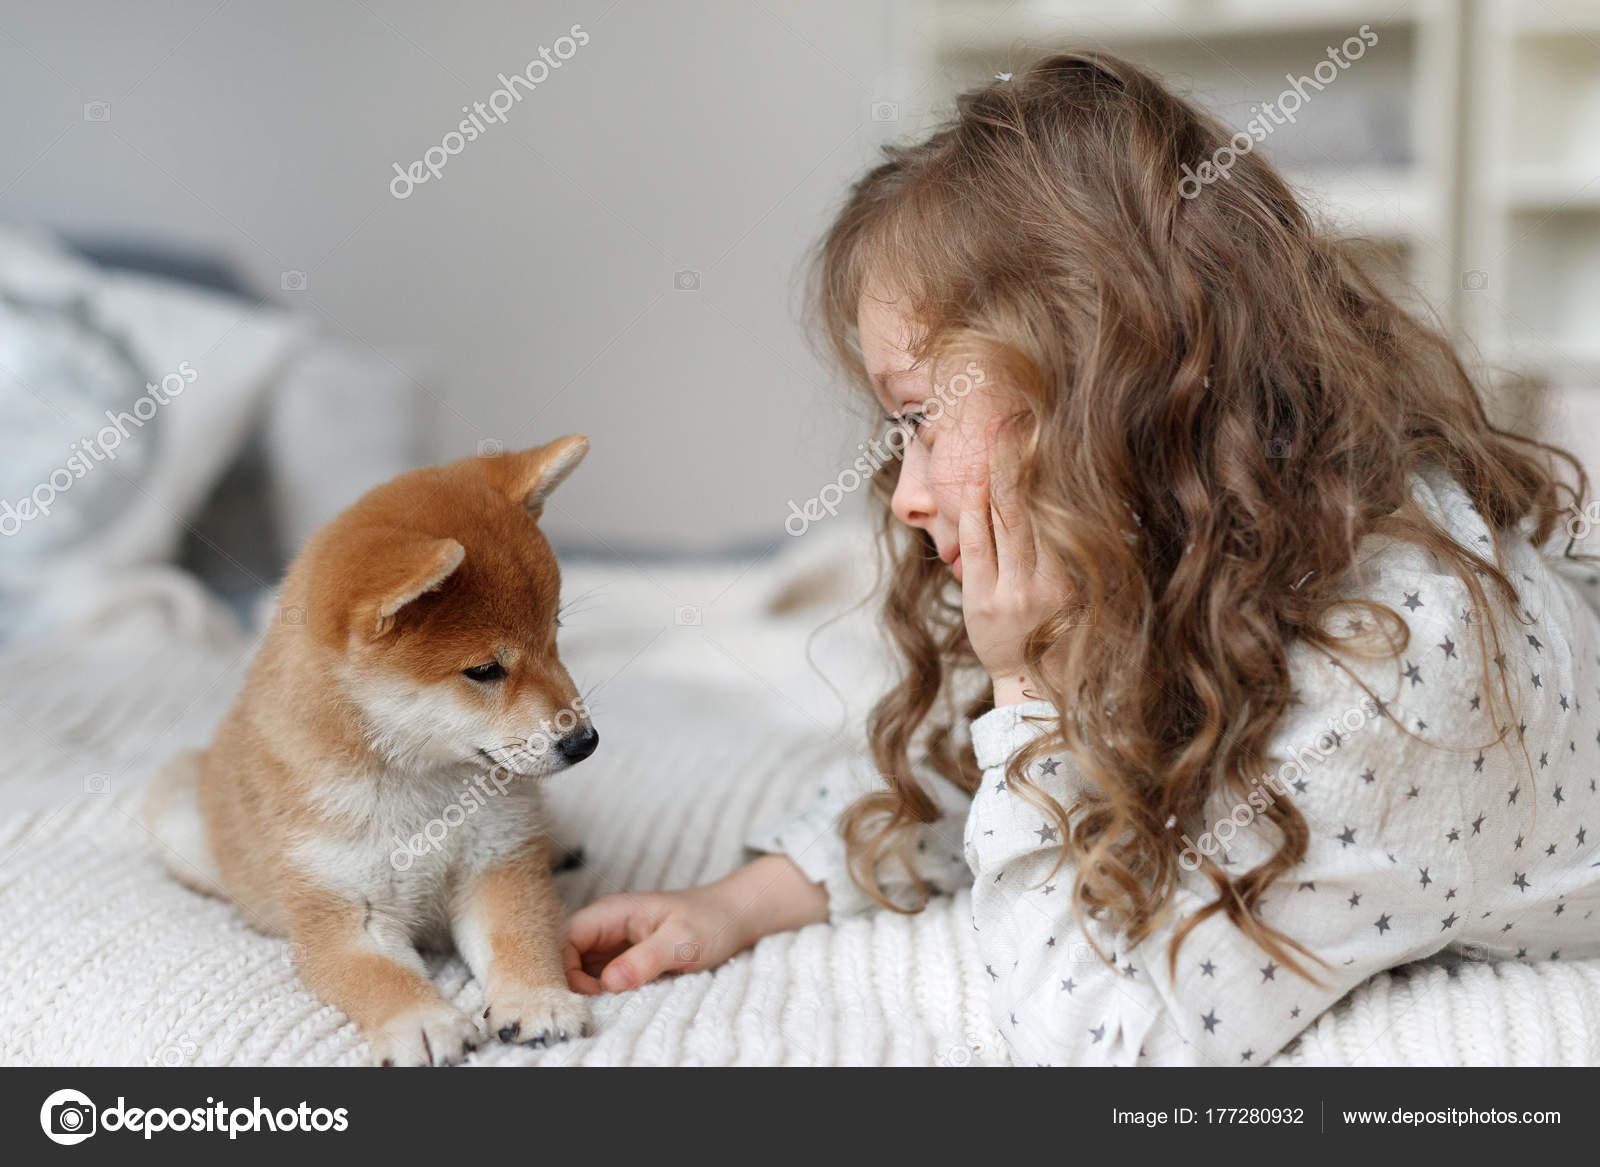 Kleine Weibliche Kind Hat Langes Lockiges Haar Spielt Mit Ihrem